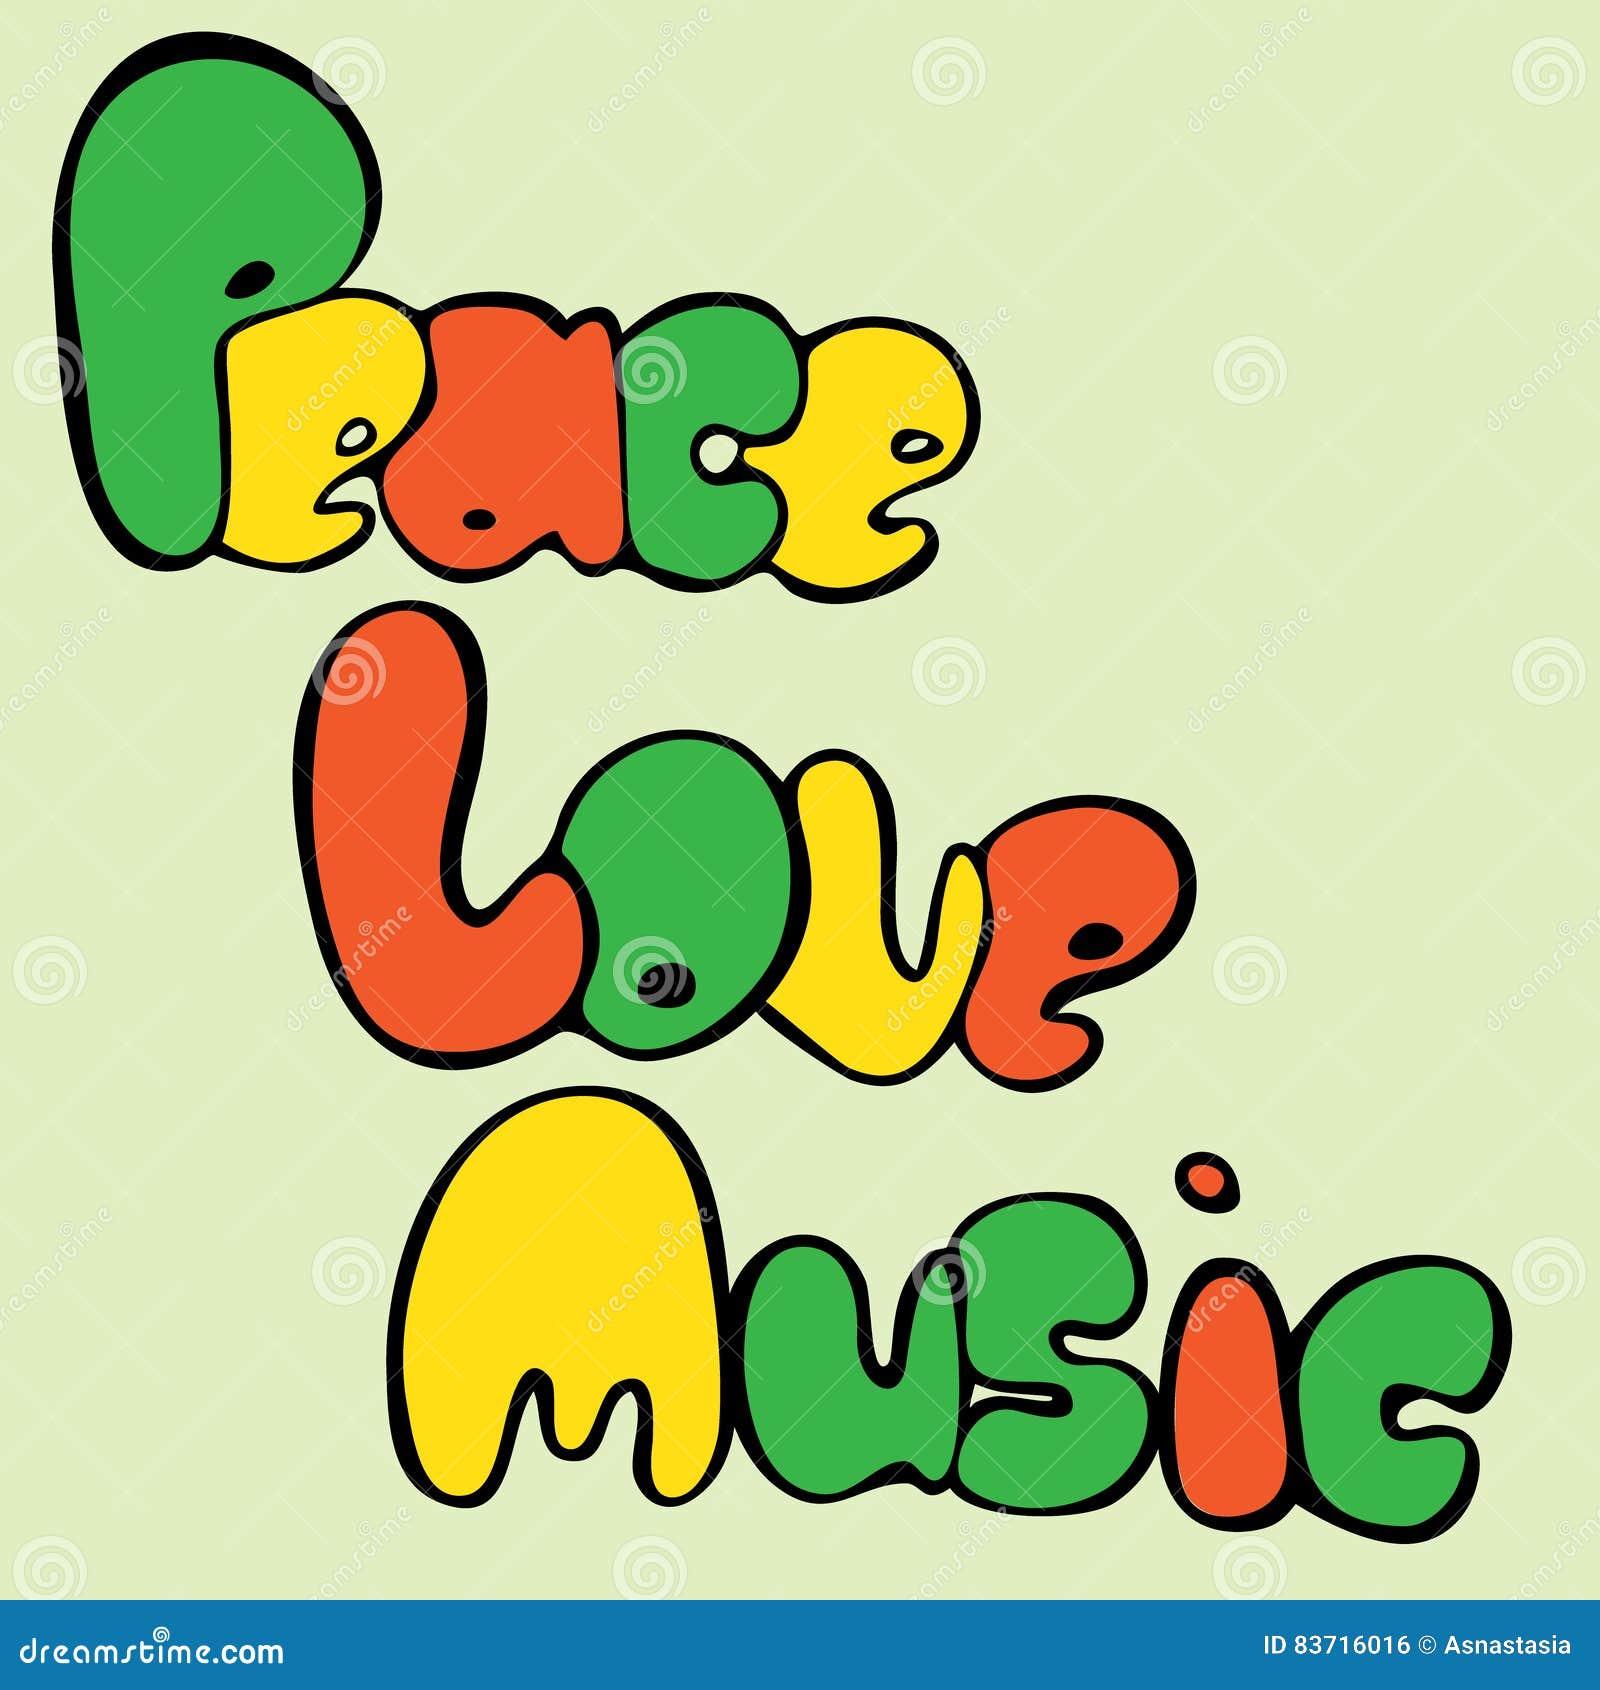 Σχέδιο της ειρήνης, της αγάπης και της μουσικής στο ύφος φυσαλίδων στα πράσινα, κίτρινα και κόκκινα χρώματα επίσης corel σύρετε τ